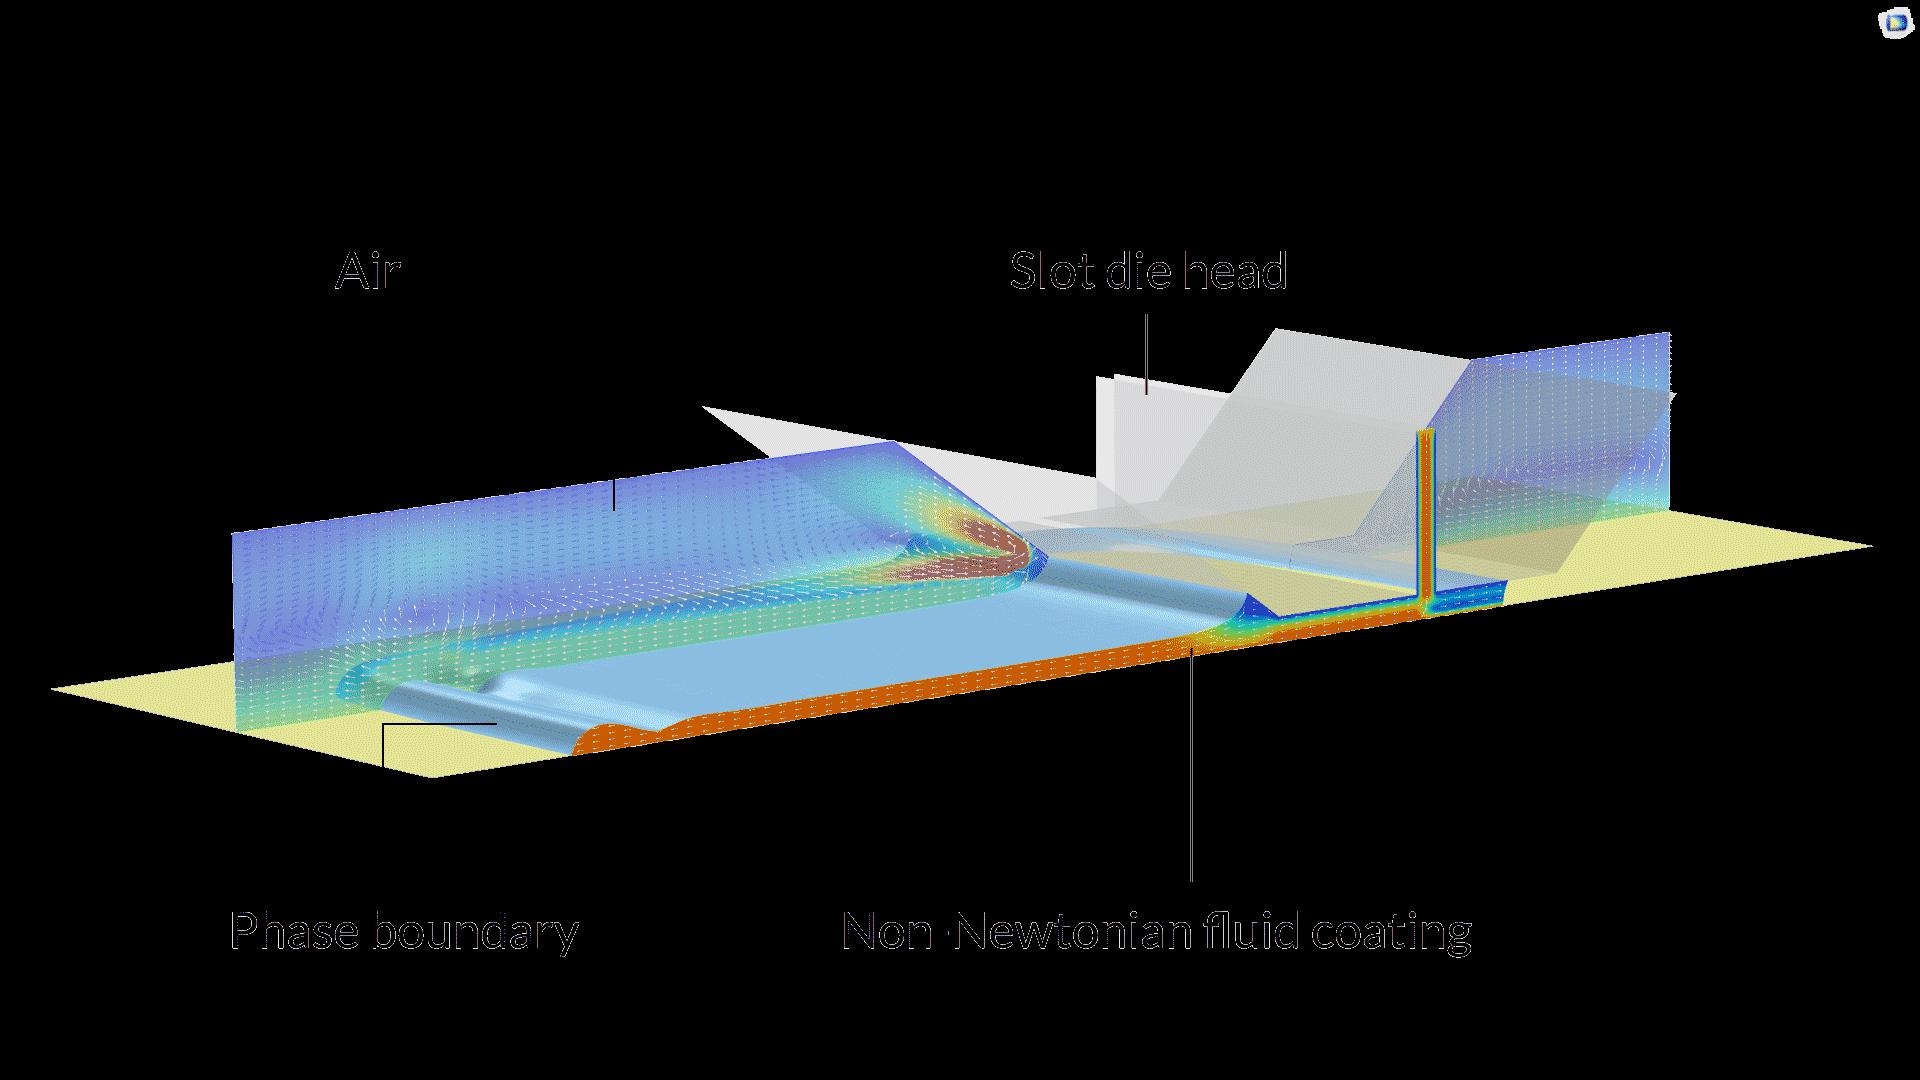 슬롯 금형 코팅 공정을 이해하고 최적화 하기 위해 위상 경계, 비 뉴턴형 유체 코팅에서의 속도 장 그리고 시스템 주변 공기의 속도 장이 계산됩니다.